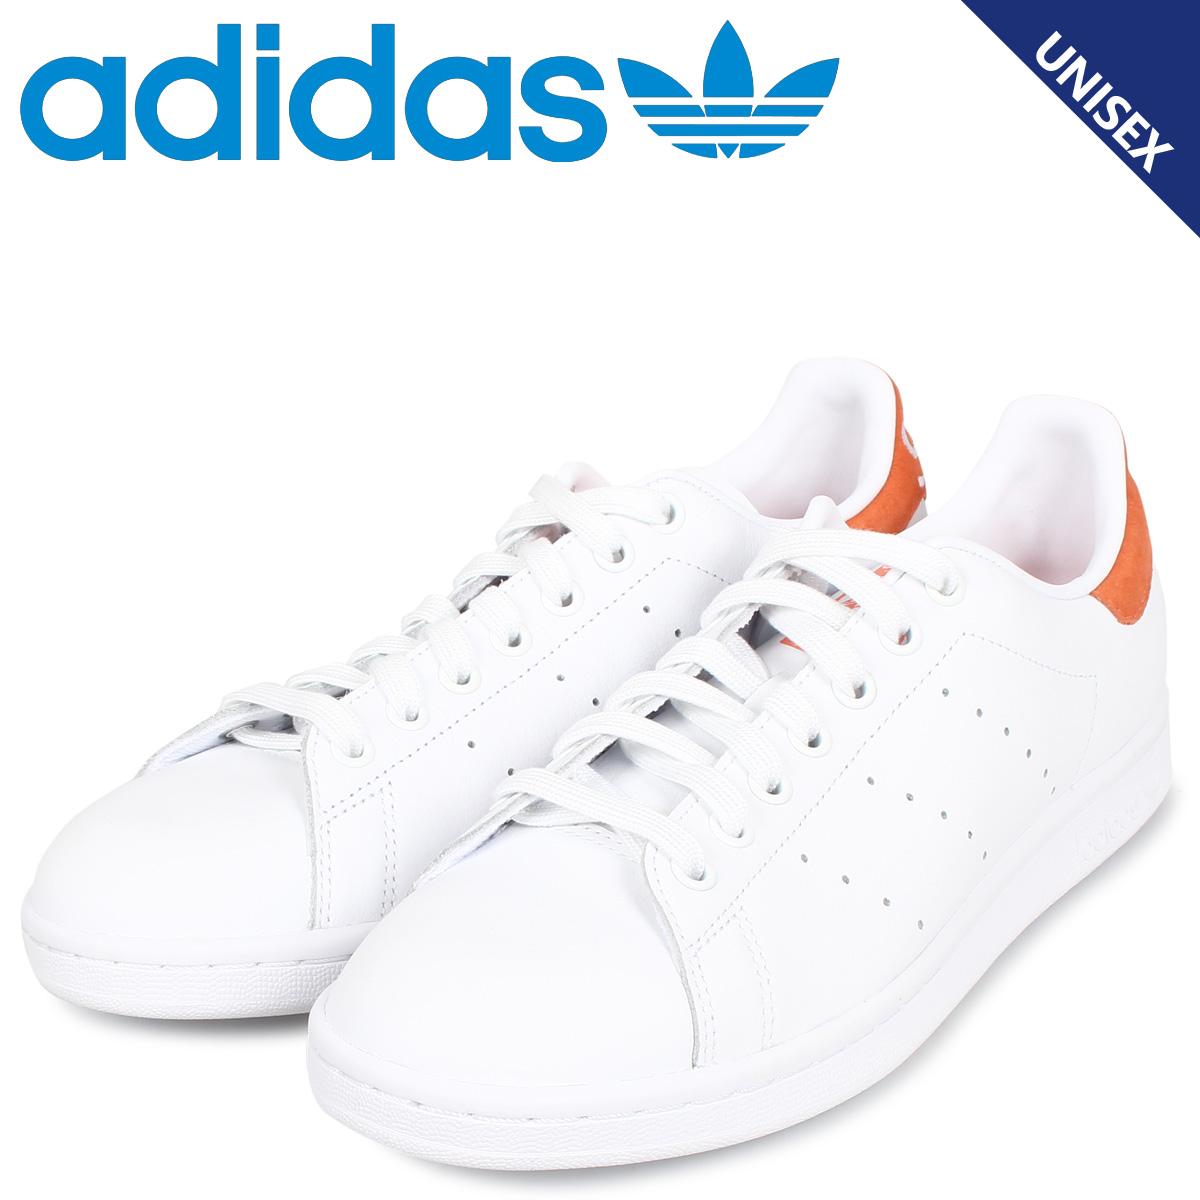 adidas Originals アディダス オリジナルス スタンスミス スニーカー メンズ レディース STAN SMITH ホワイト 白 EE5793